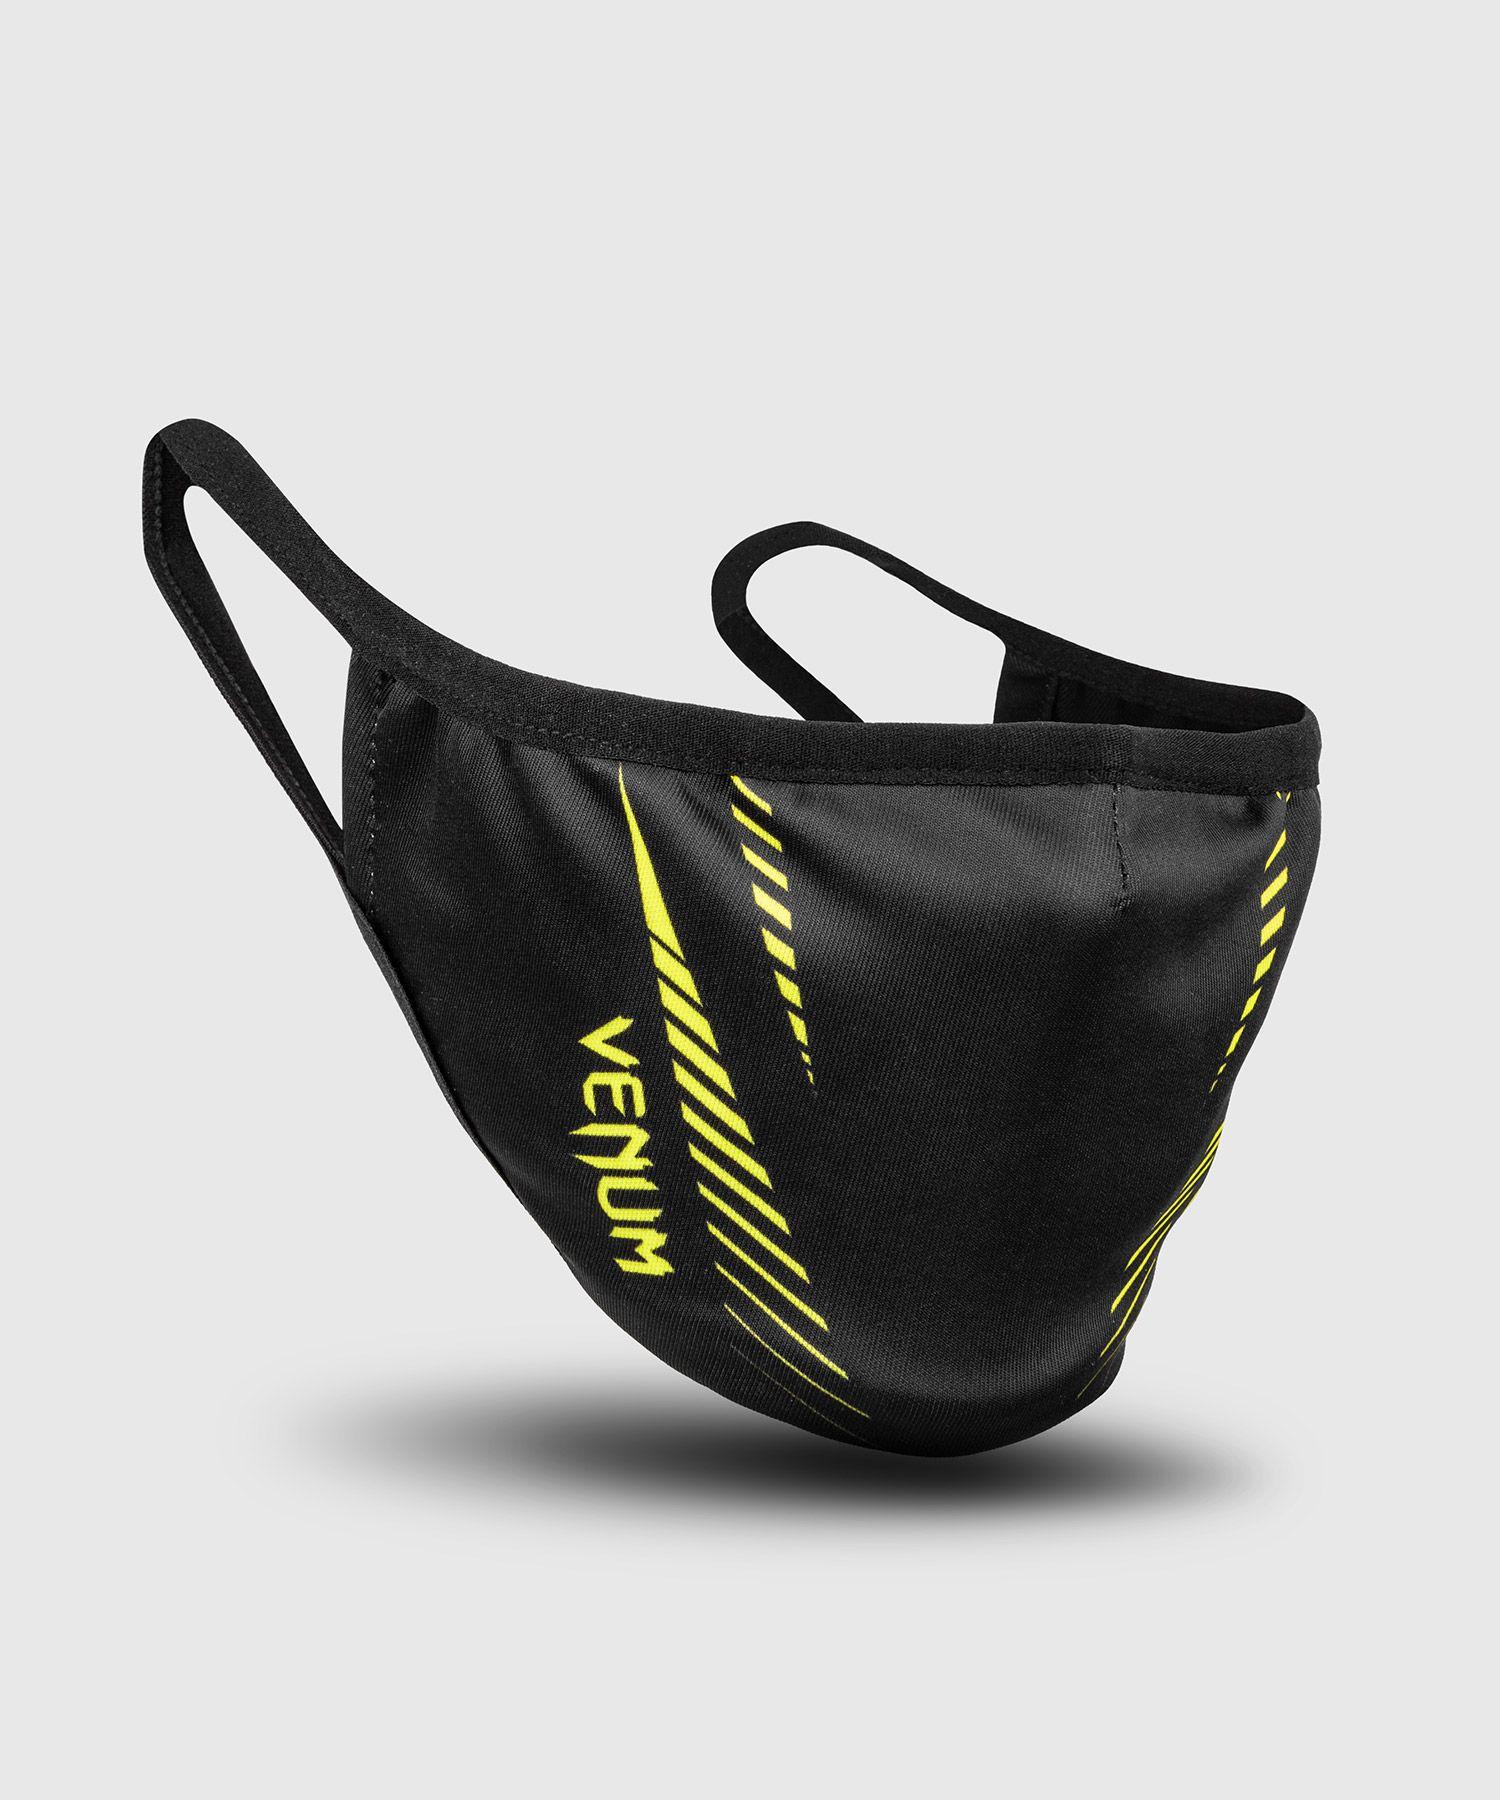 VENUM フェイスマスク (ブラック×ネオンイエロー) //大人用 マスク 個包装 洗えるマスク ファッションマスク 花粉対策 スポーツ 送料無料